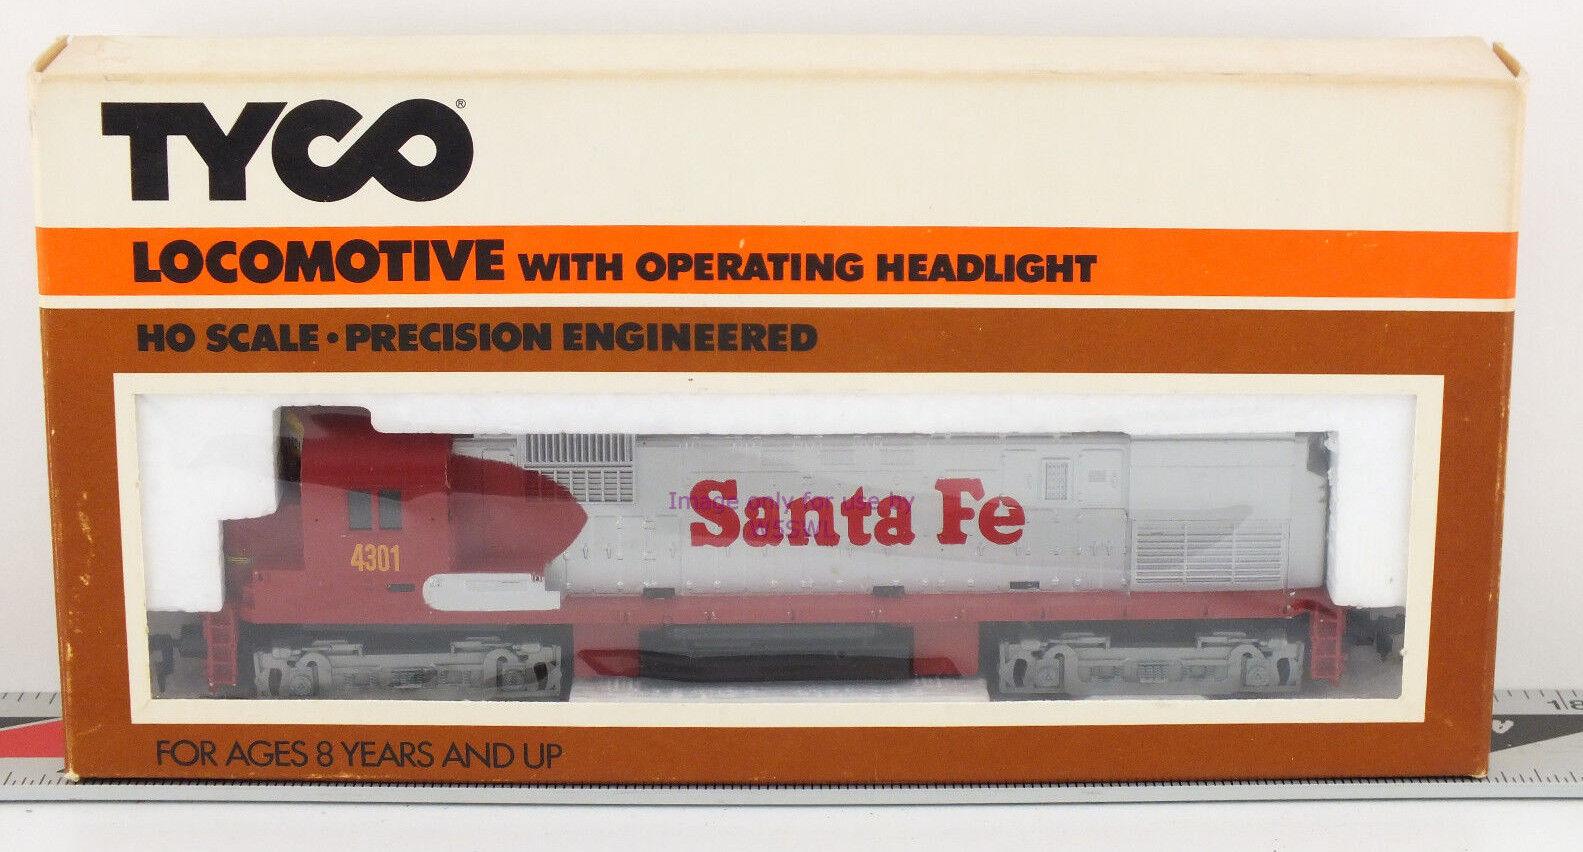 TYCO HO Santa Fe ALCO Locomotive 235-21 Unused Collectible in Box